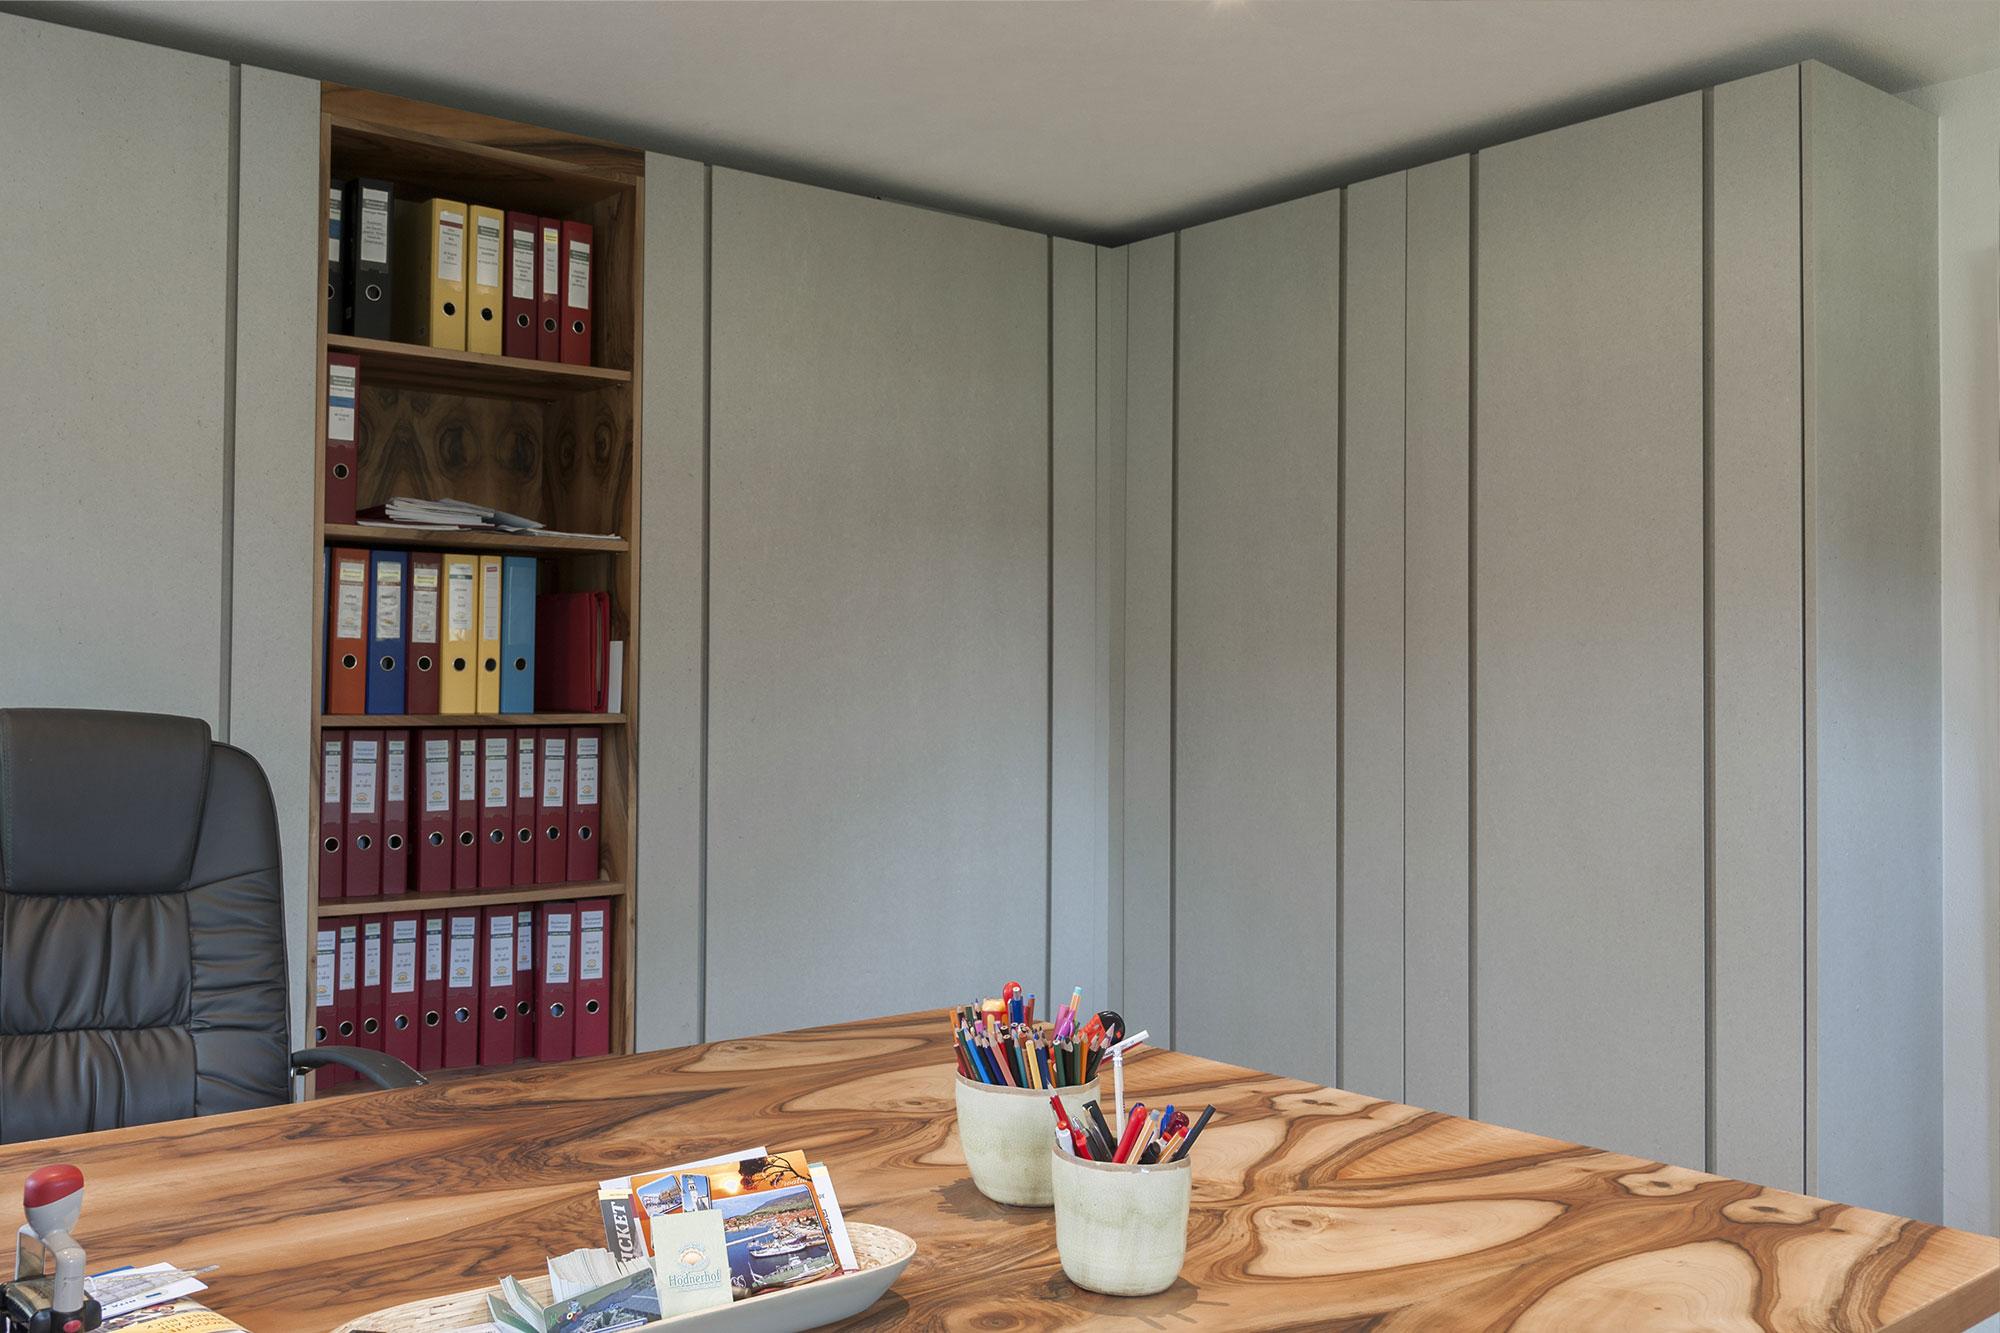 Tischlerei Stöckl Ebbs Büro Büroeinrichtung Inneneinrichtung Möbel Holz Schreibtisch Schränke Regal